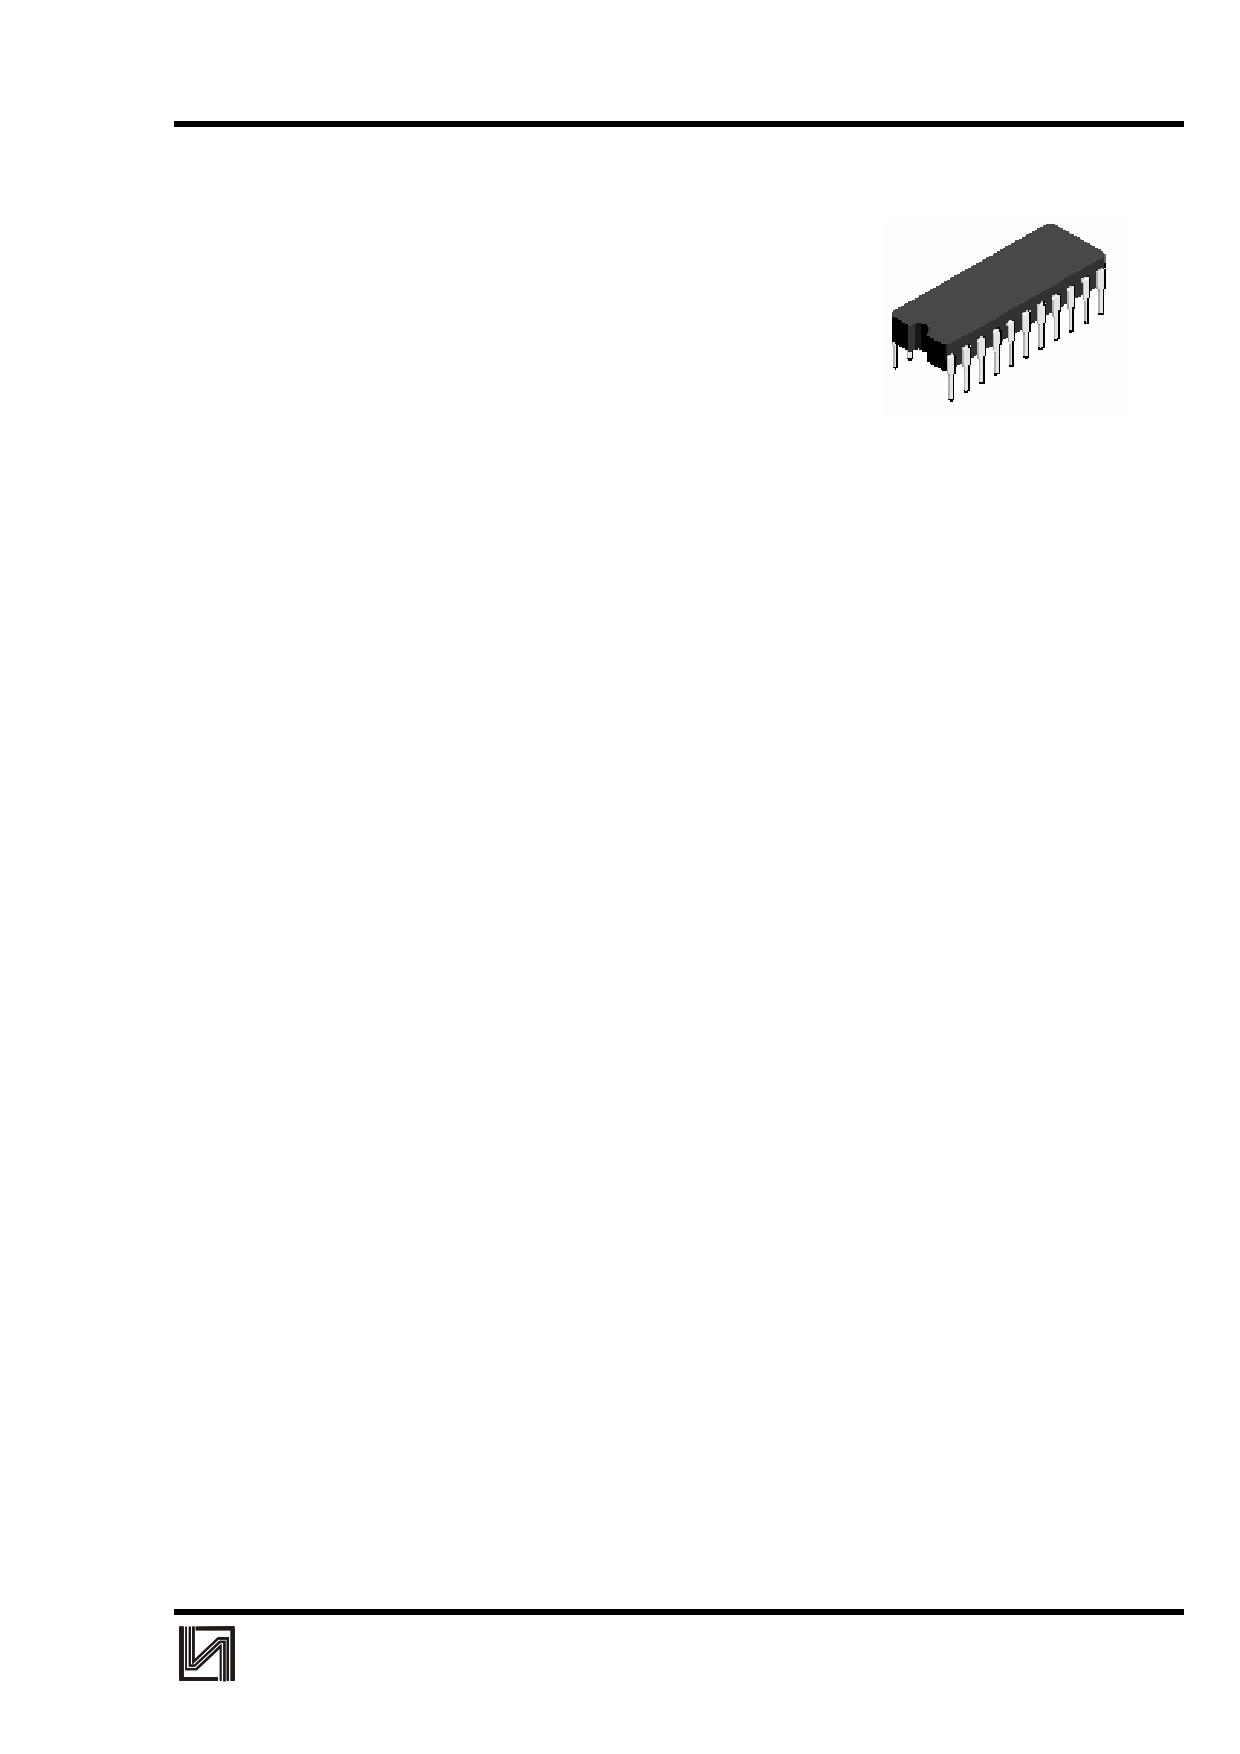 ILF3866N Datasheet, ILF3866N PDF,ピン配置, 機能